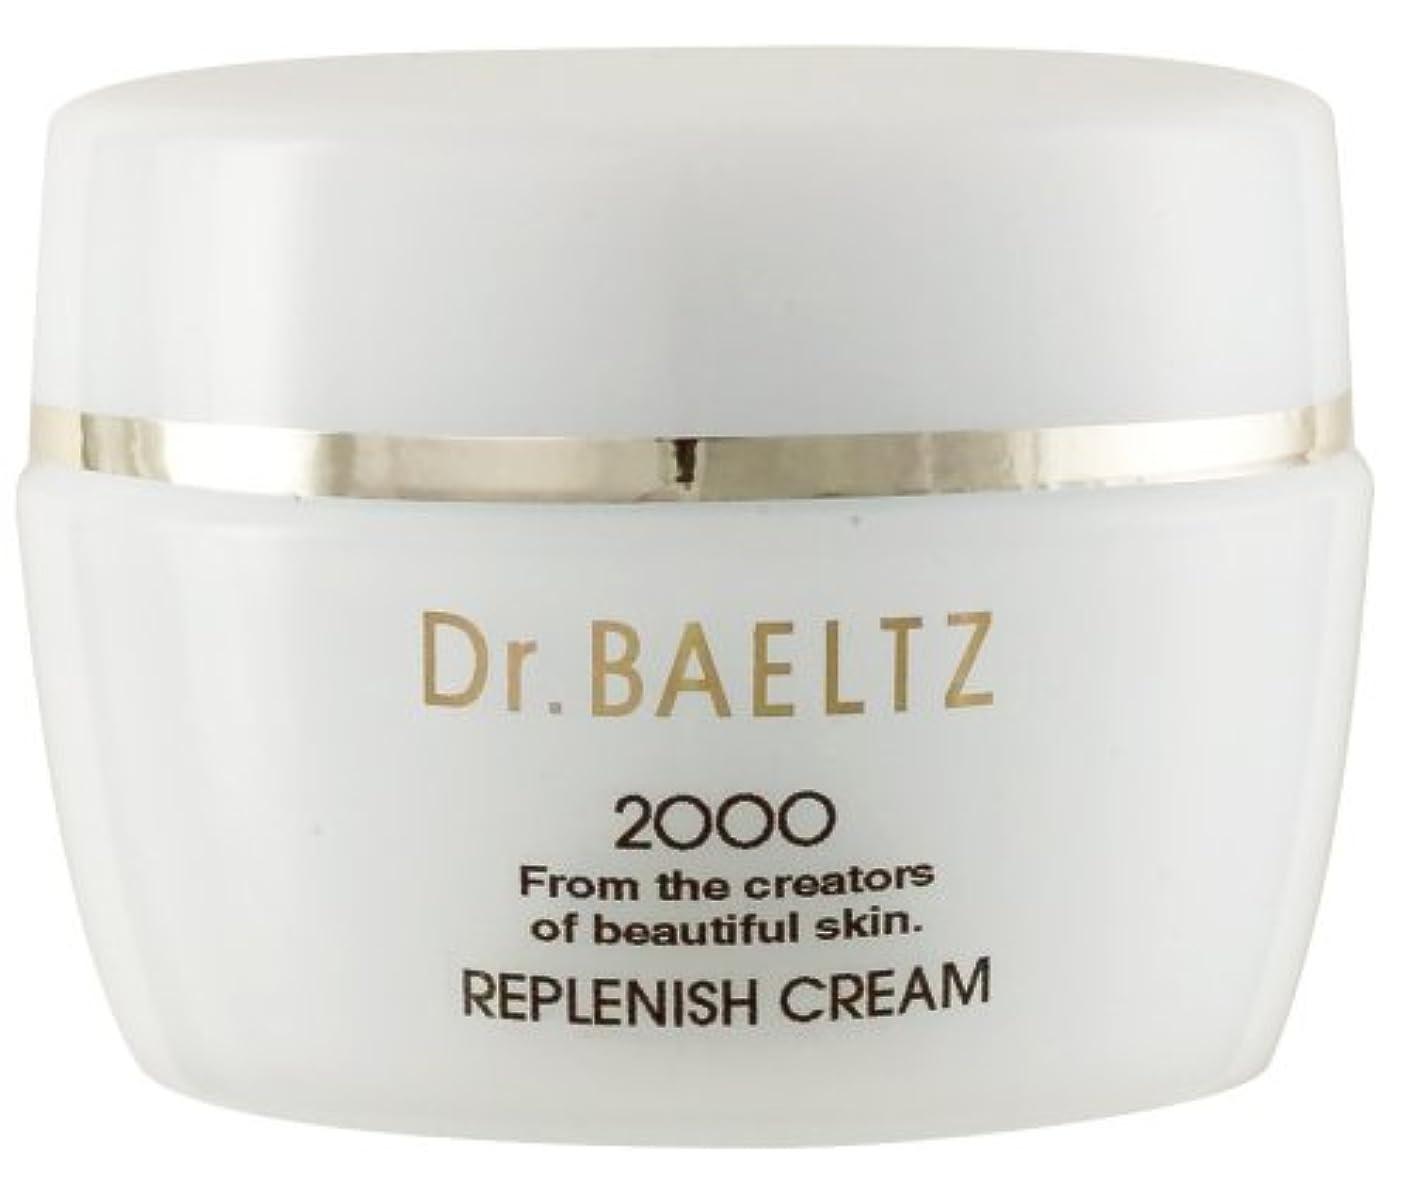 話をする気難しい団結ドクターベルツ(Dr.BAELTZ) リプレニッシュクリーム 40g(保湿クリーム)